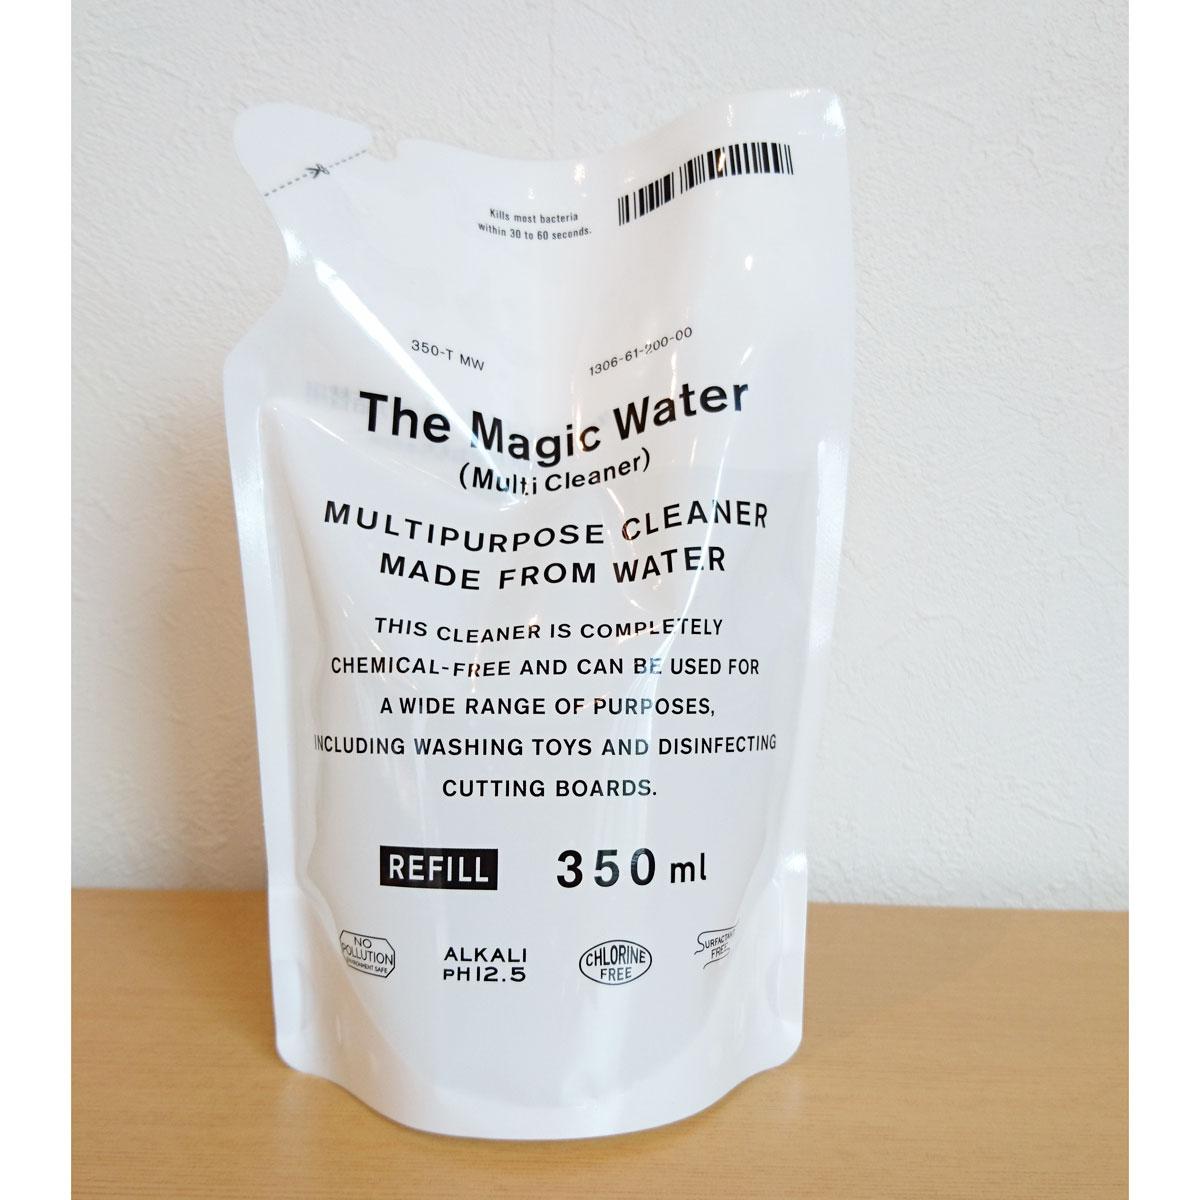 THE Magic Water マジックウォーター マルチクリーナー 詰替用【代引き可能】